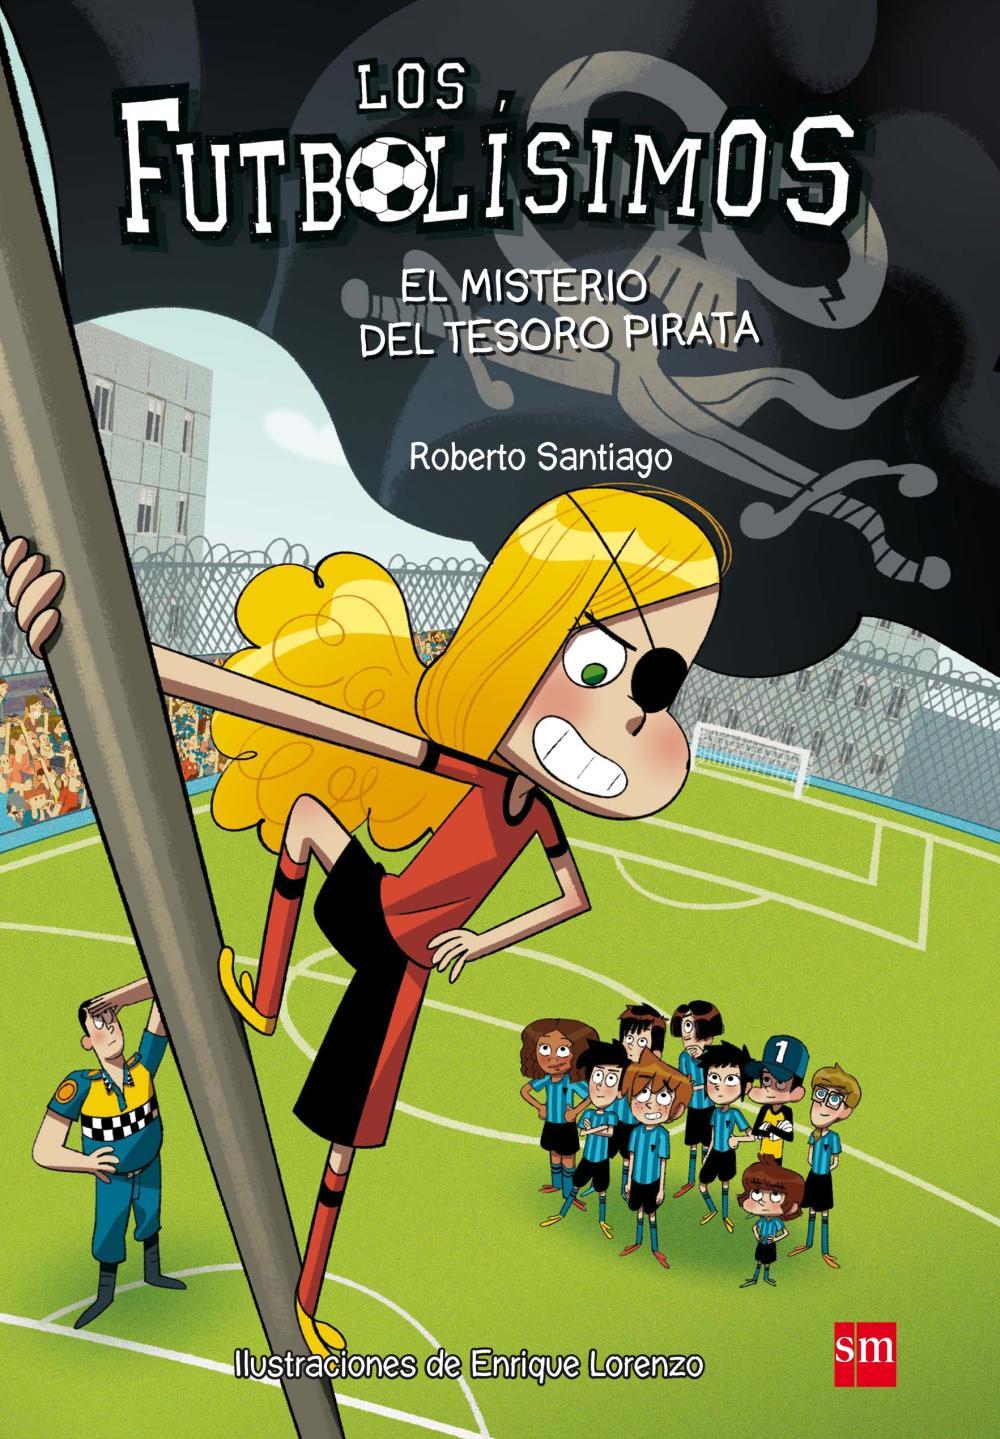 Los Futbolísimos 10: El misterio del tesoro pirata